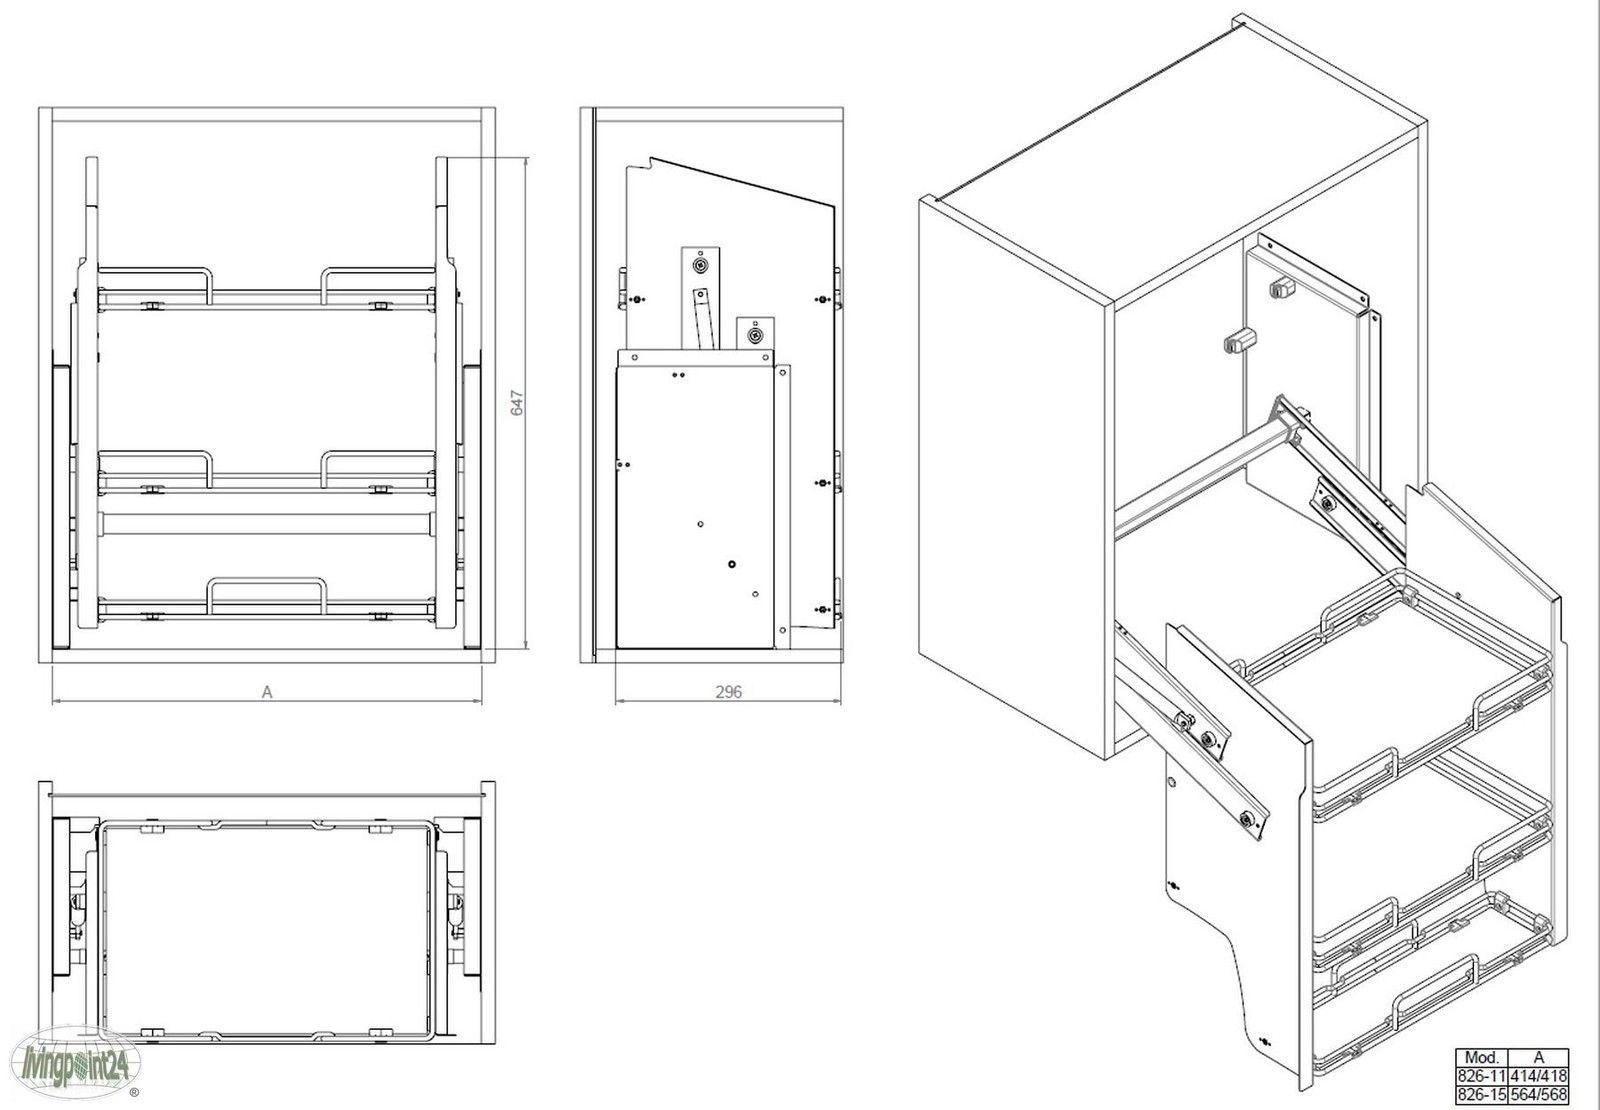 ikea oberschrank kche hinreiend ikea oberschrank kche. Black Bedroom Furniture Sets. Home Design Ideas